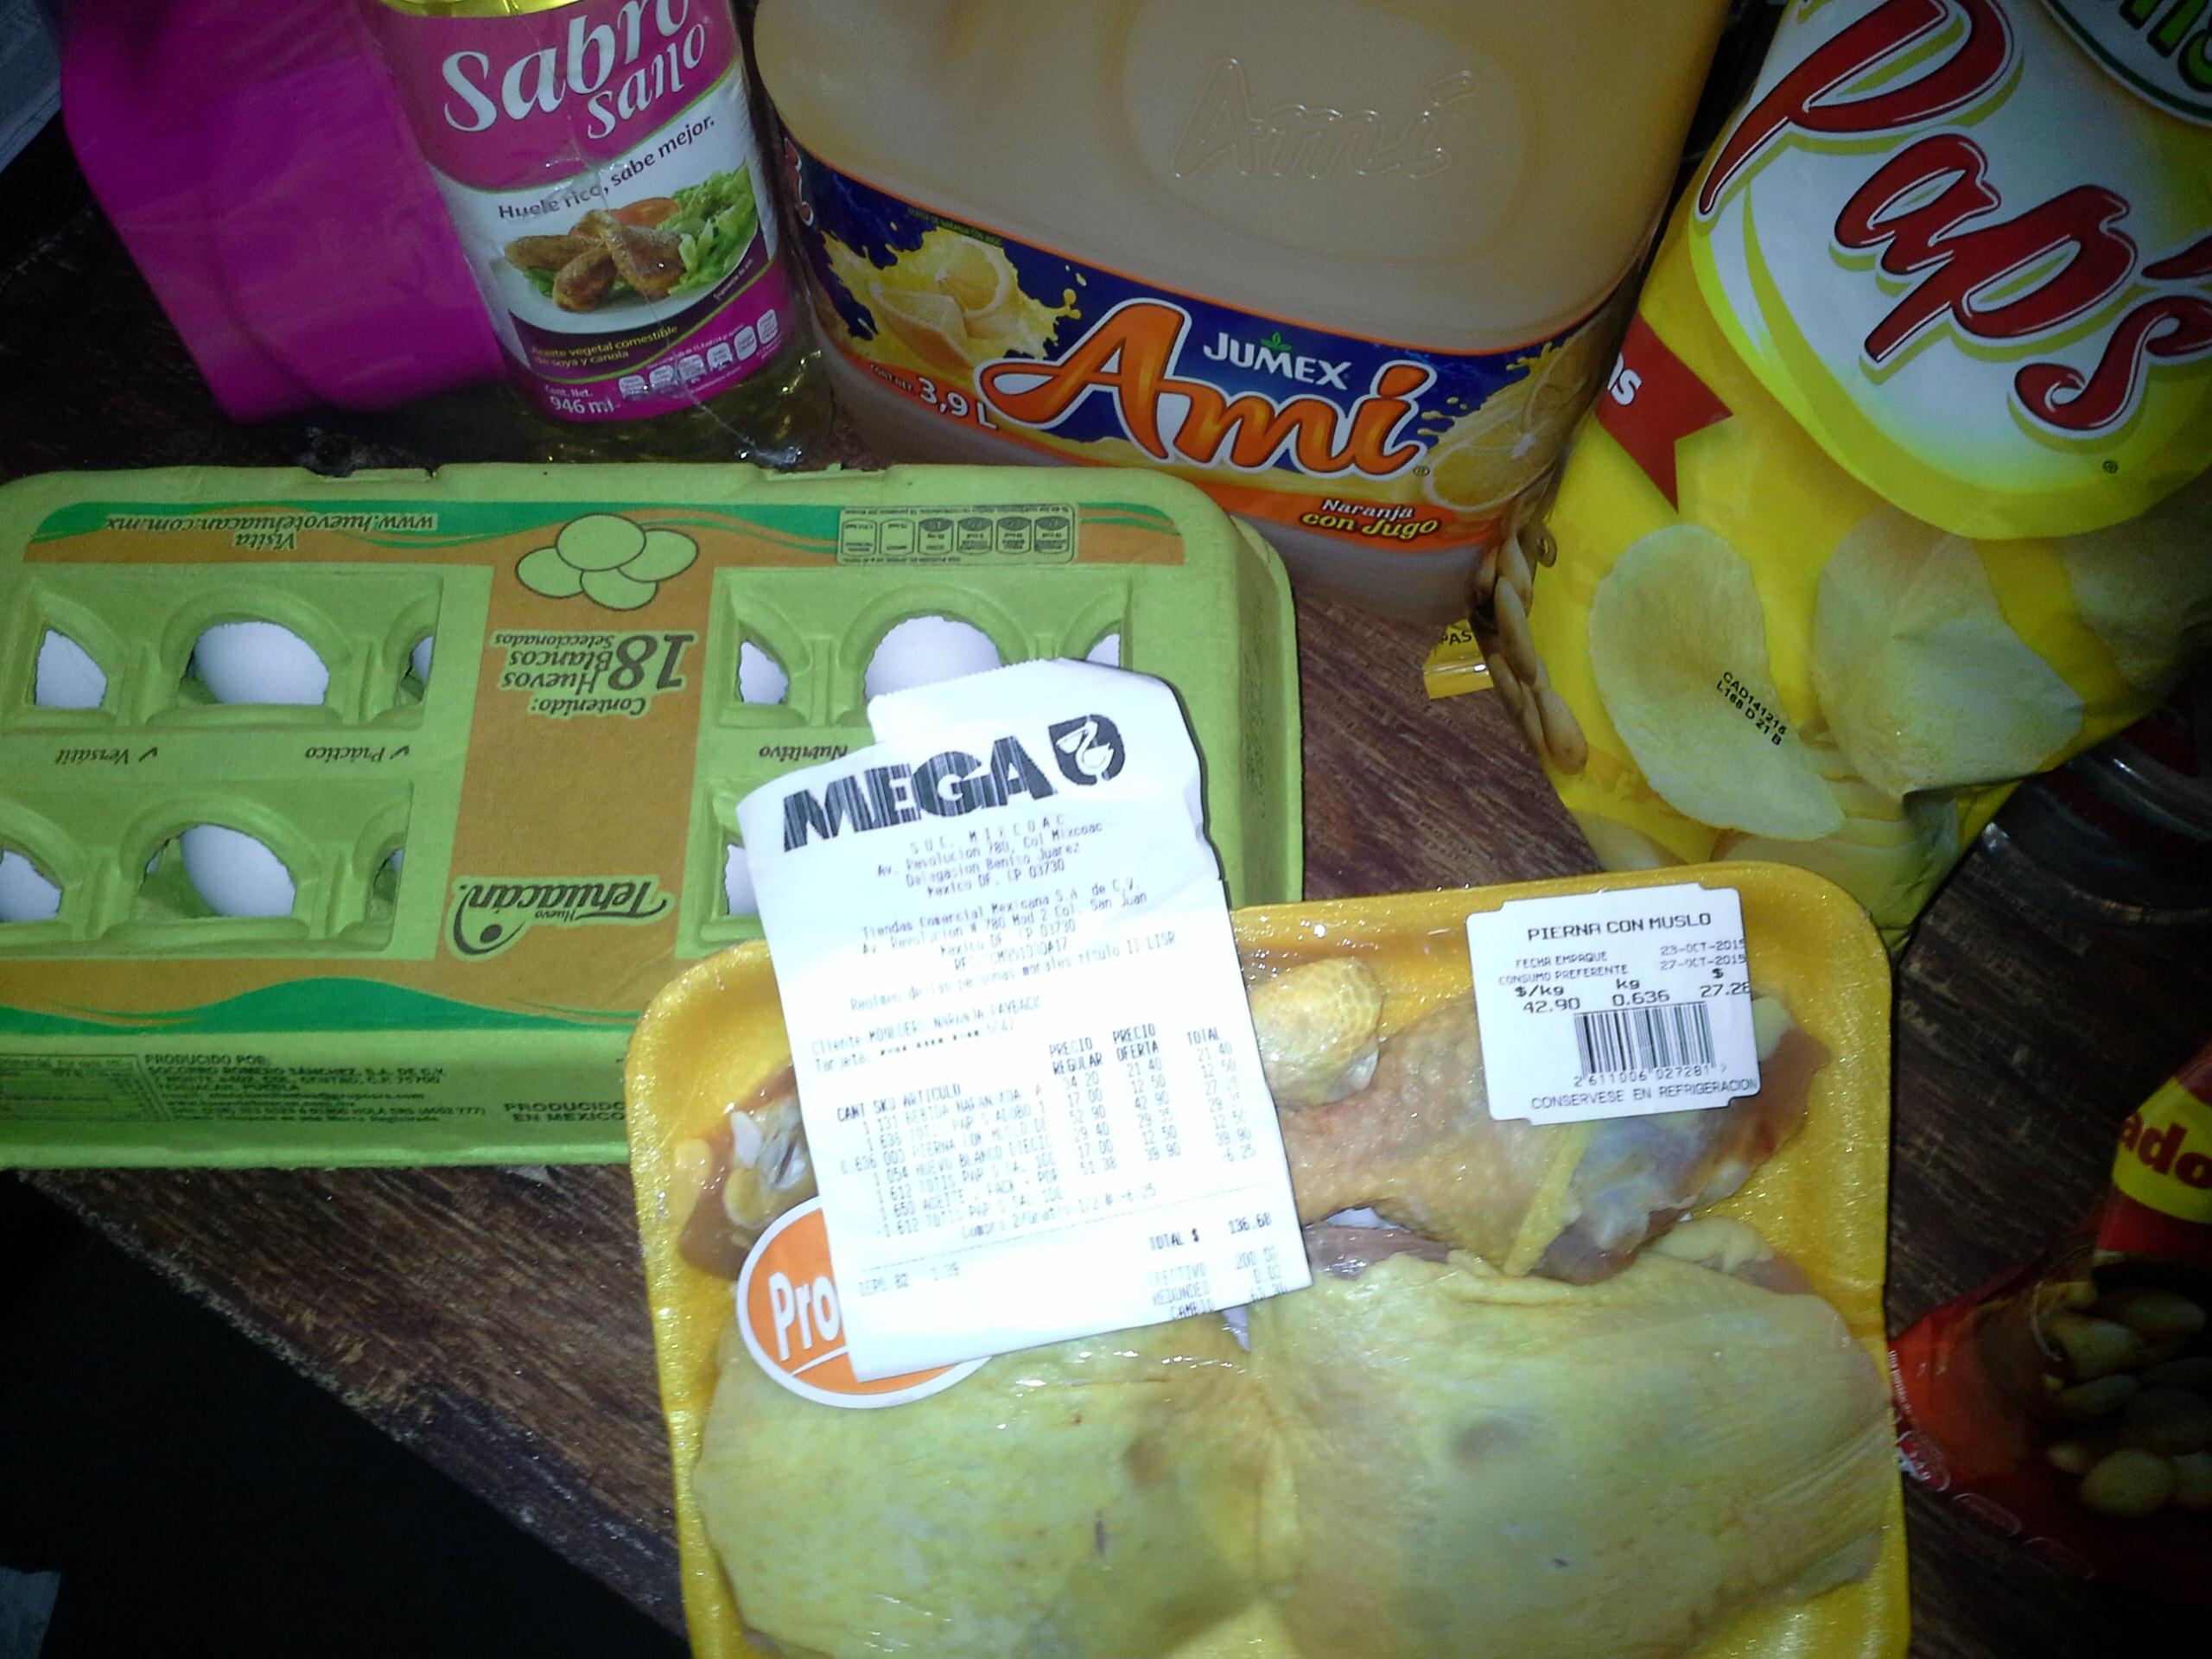 La Comer: El kilo de pierna con muslo a $42.90 y mas ...